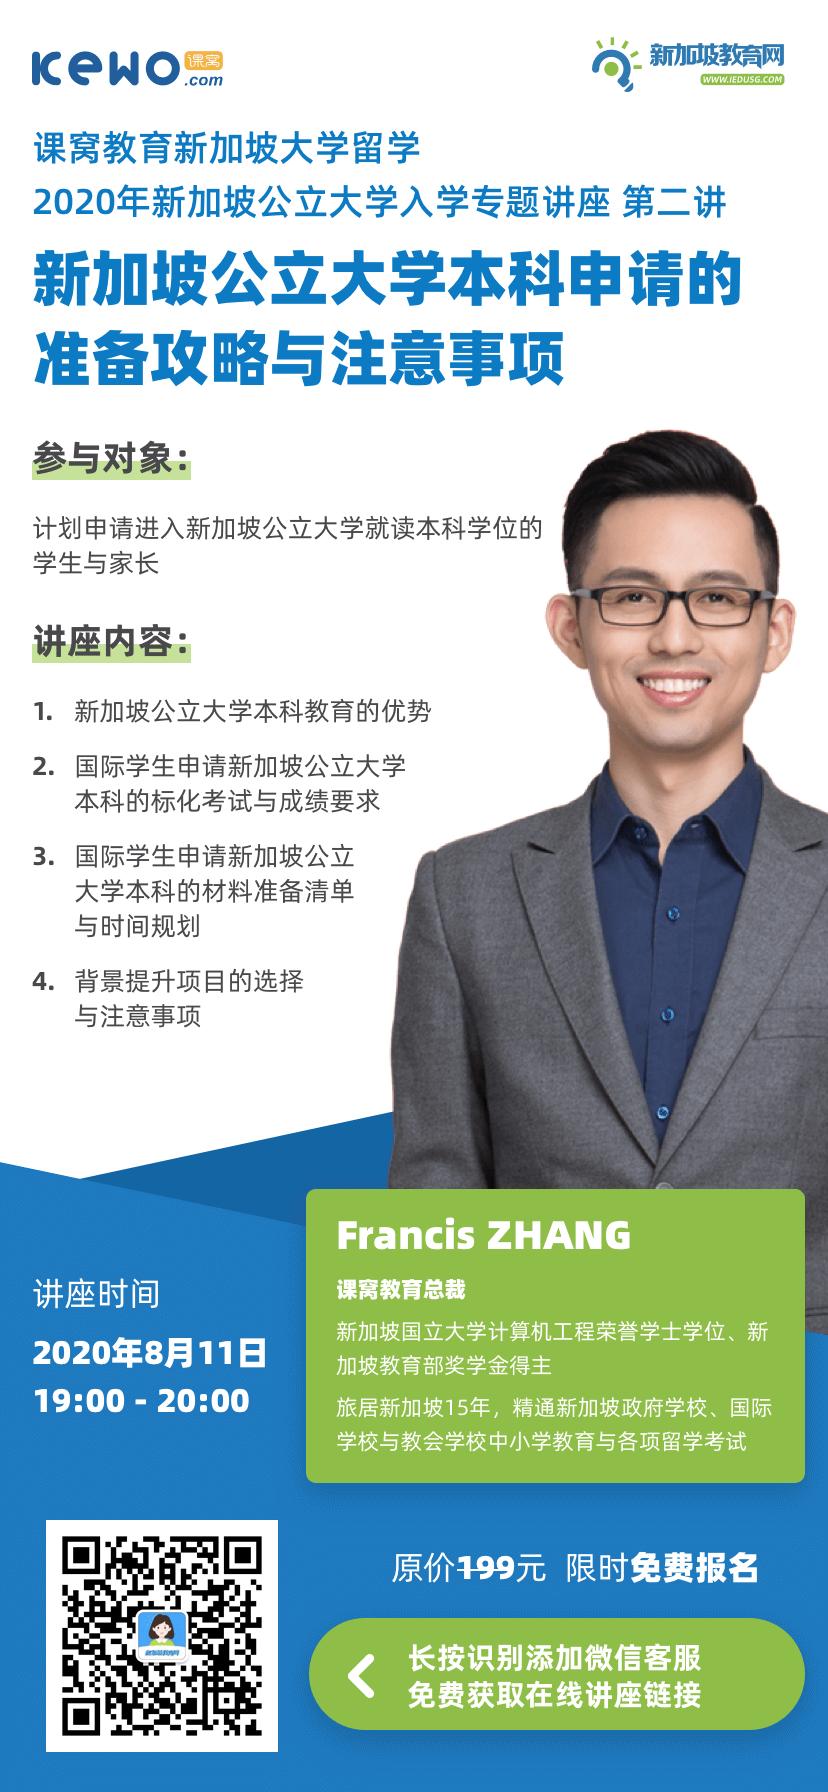 新加坡公立大学本科申请的准备攻略与注意事项